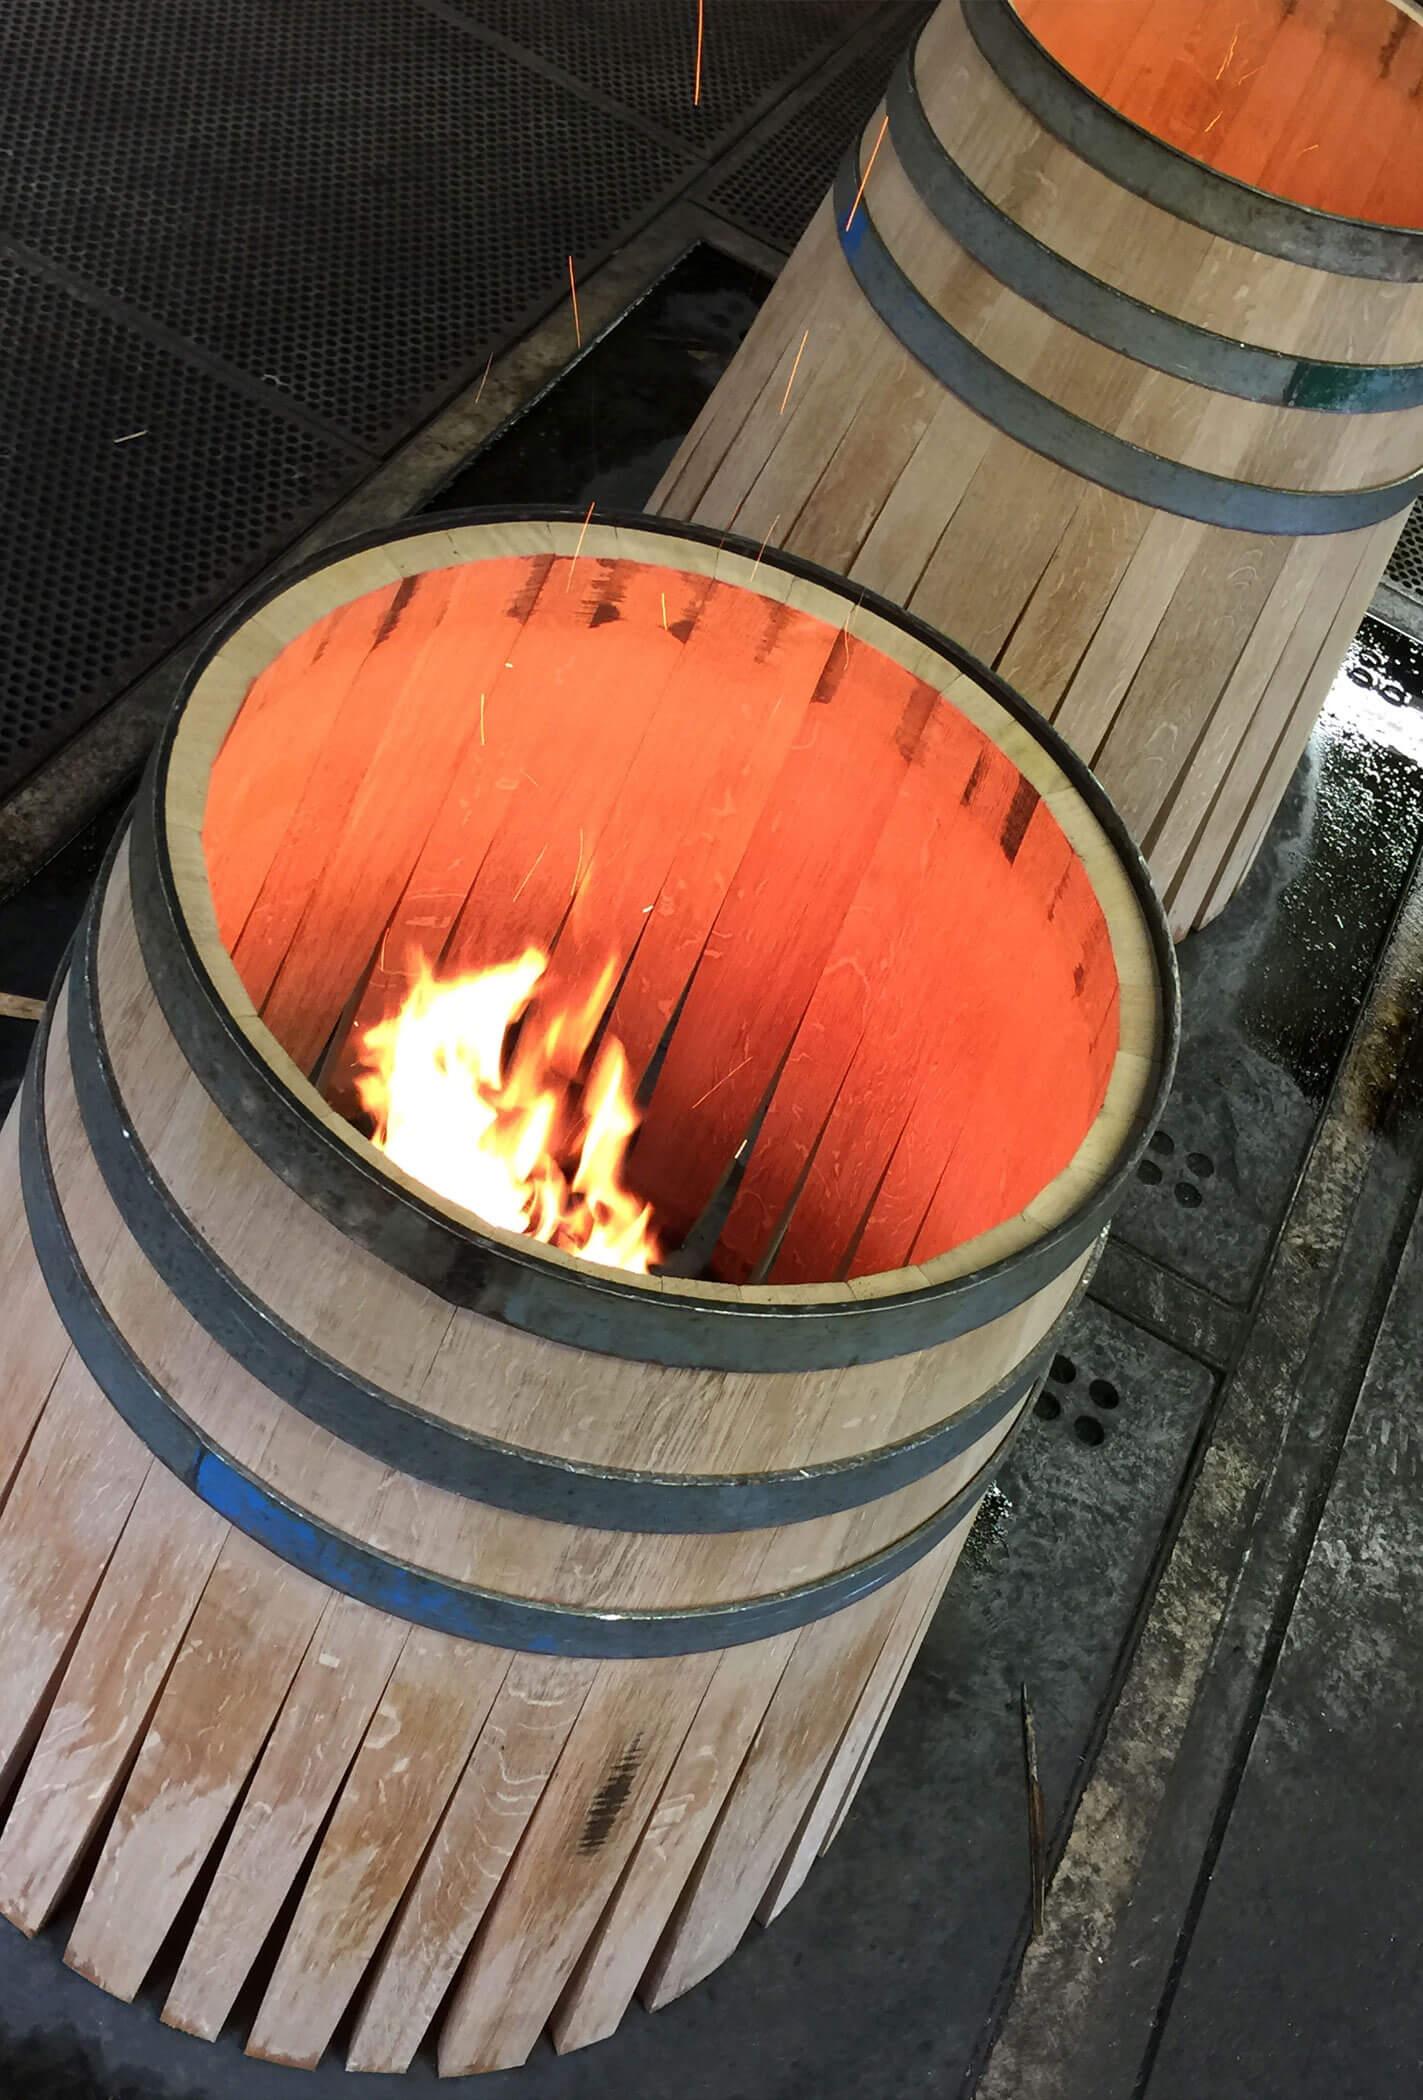 Toasting the Barrels